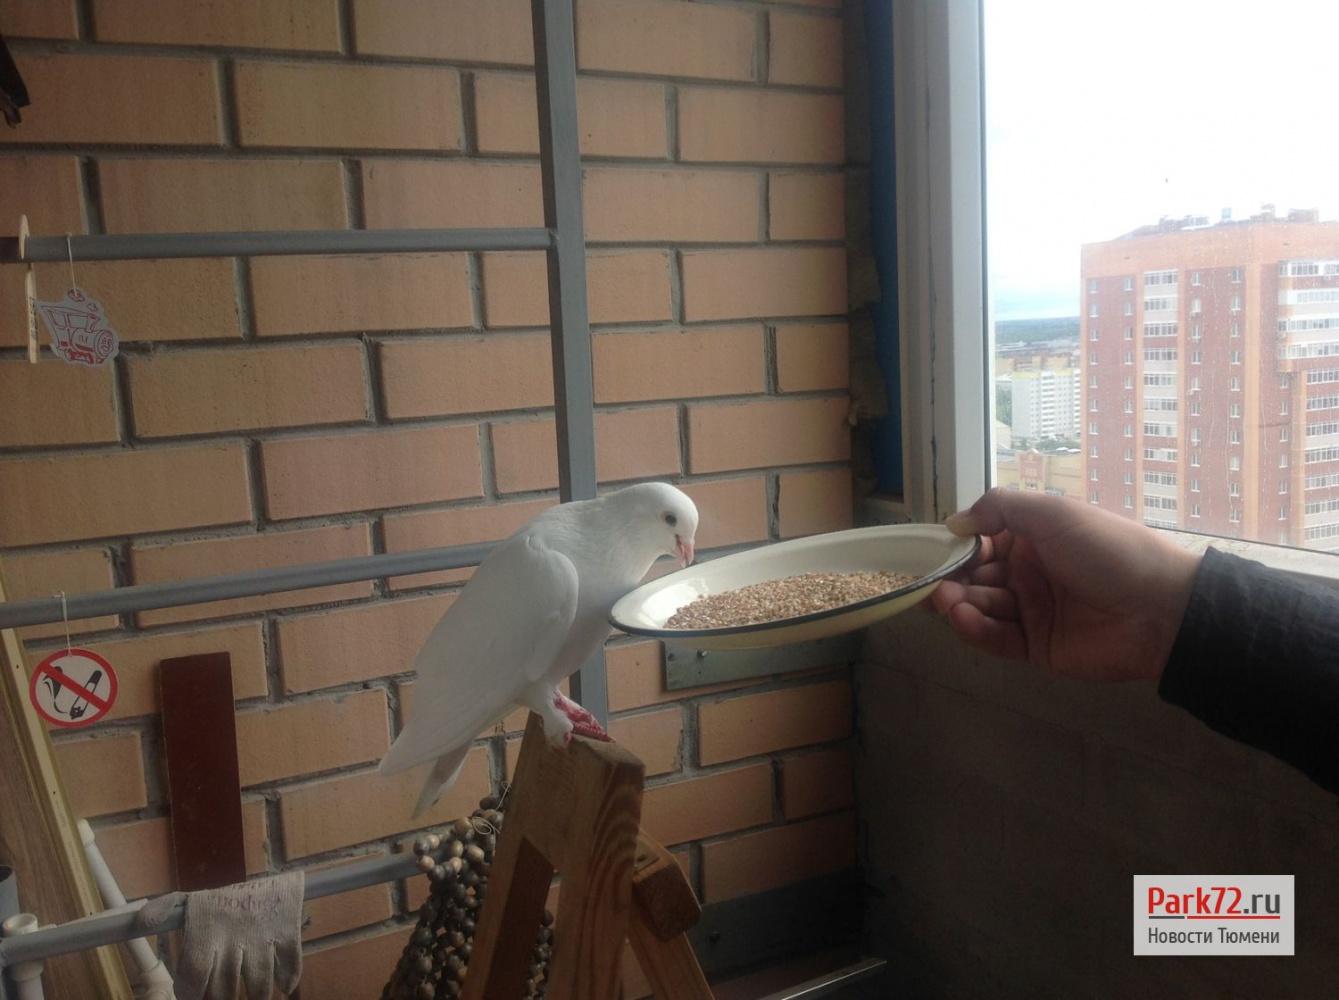 У тюменца на балконе поселился голубь мира - park72.ru.